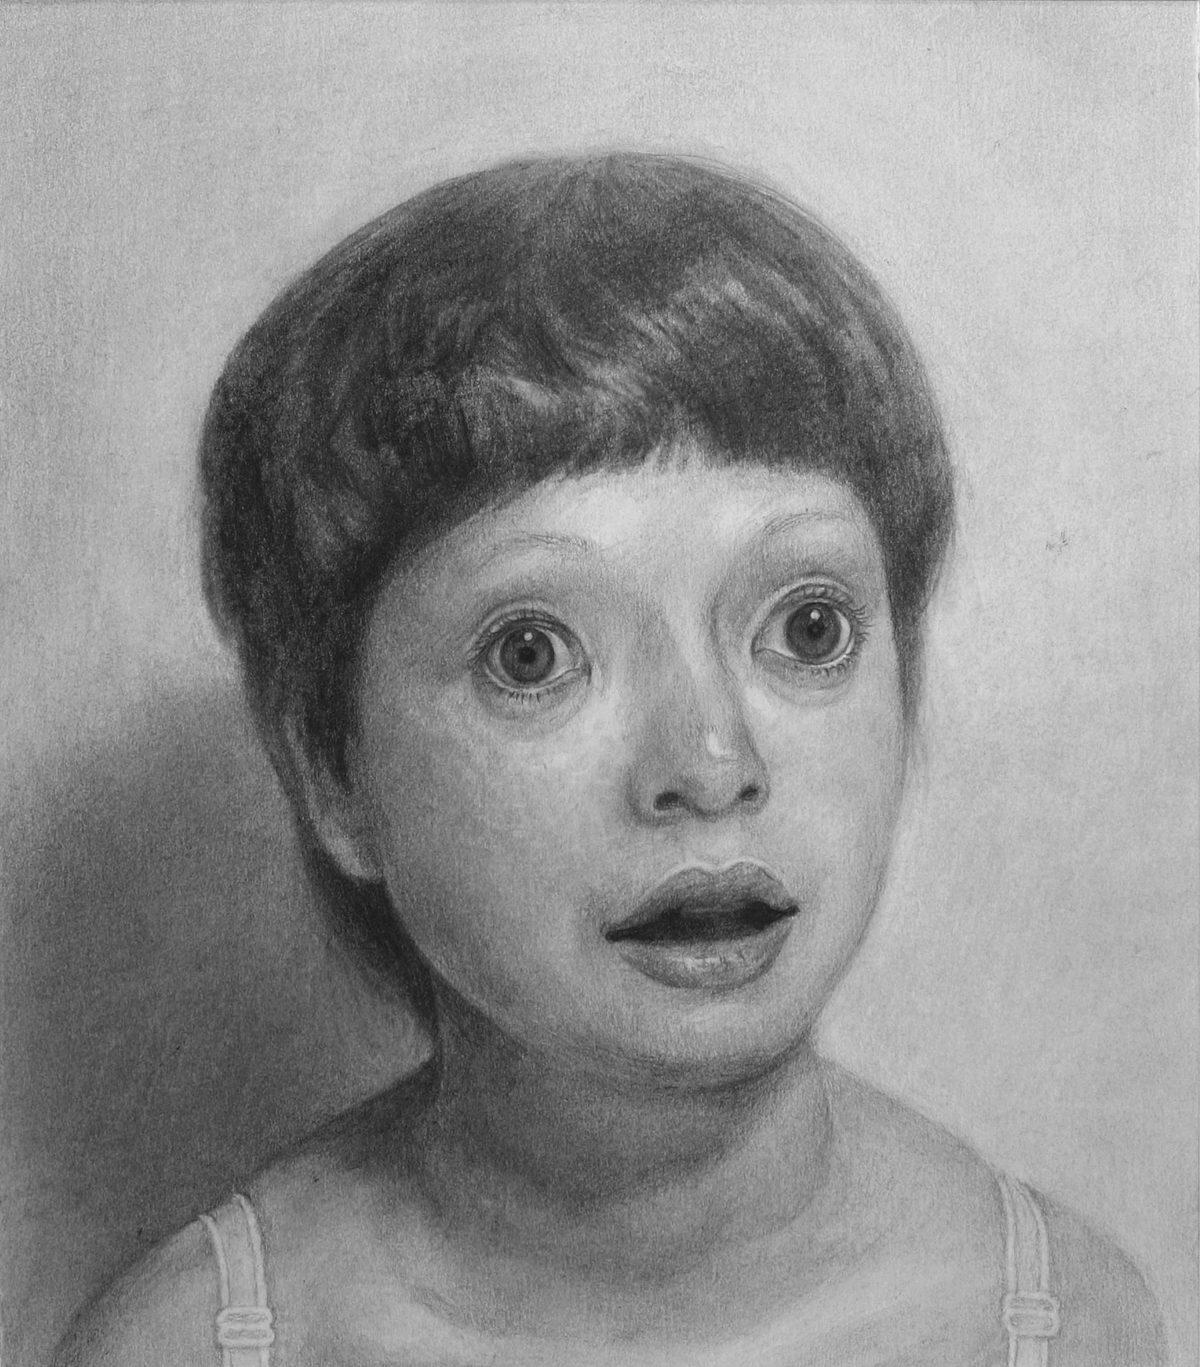 心根の優しい娘 20.5×17.8cm ケント紙 鉛筆 2006年